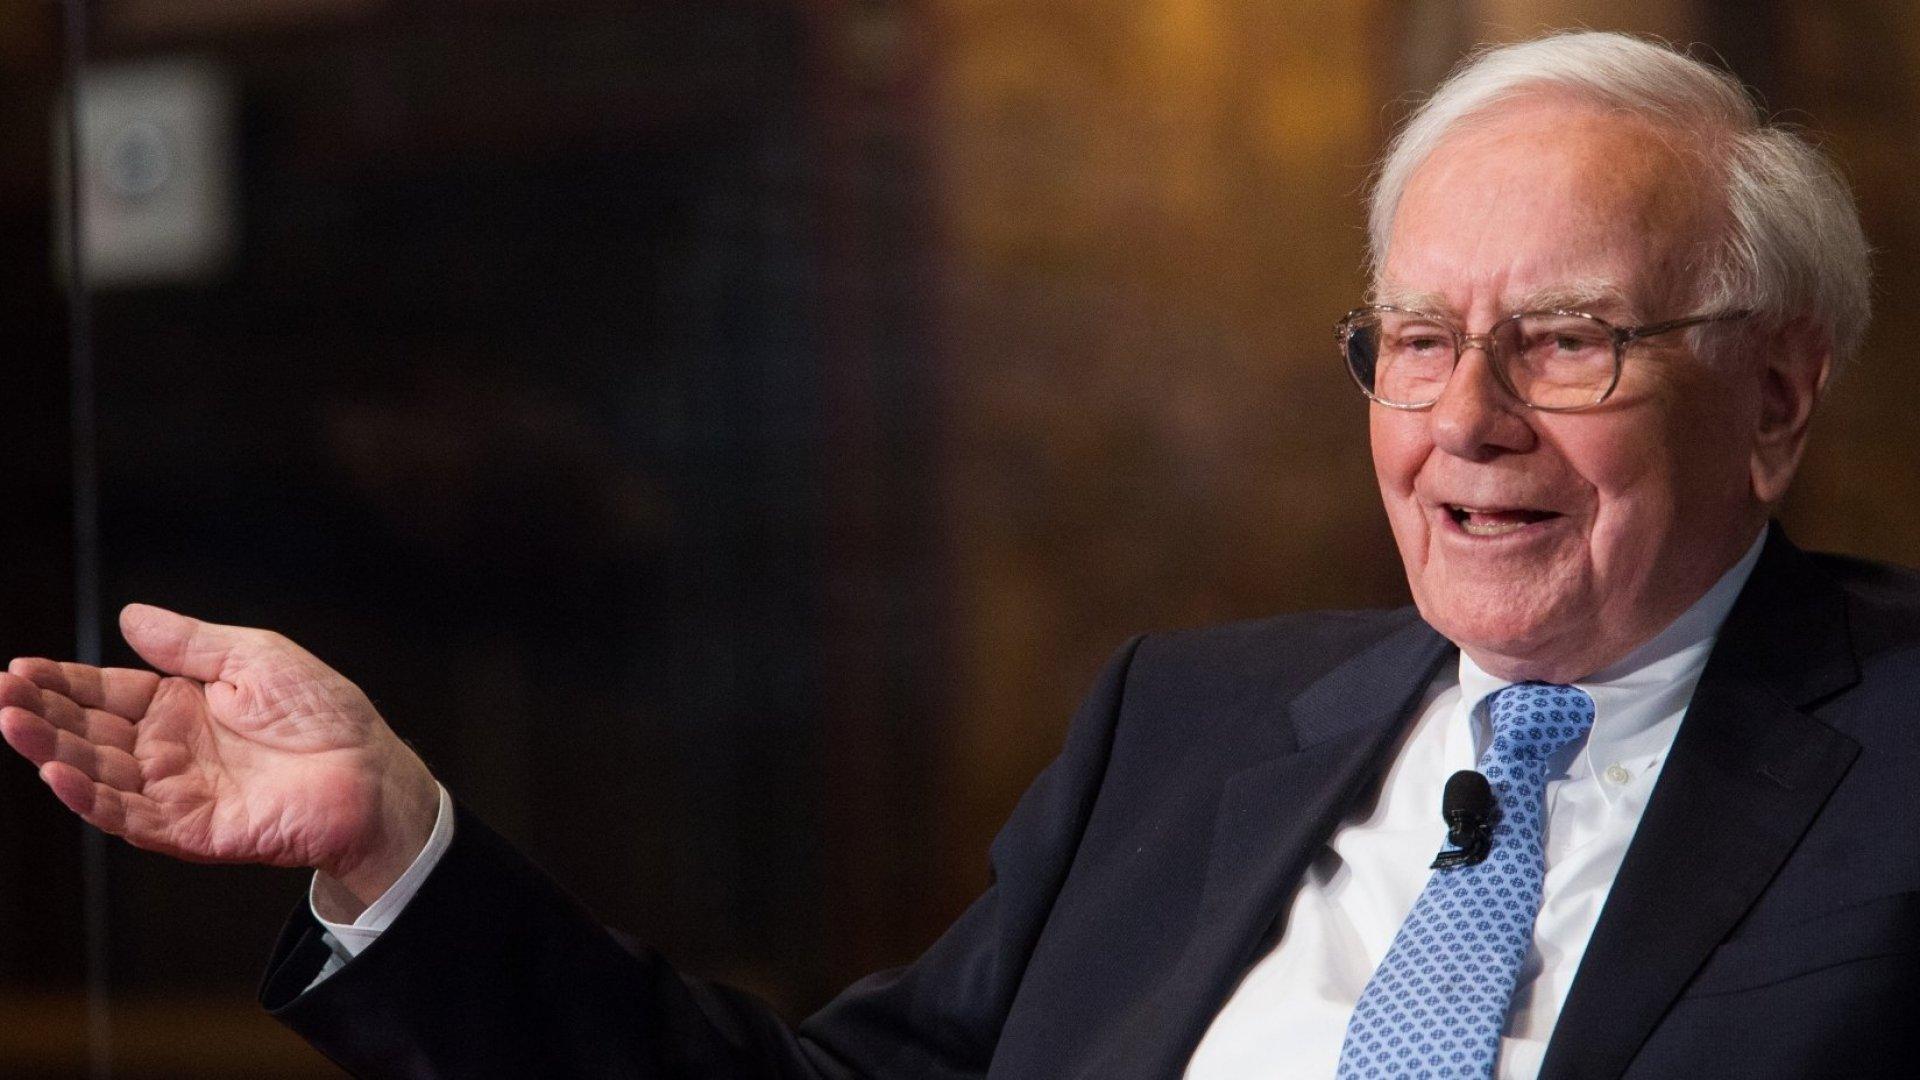 Warren Buffett, firmly in the Clinton camp.